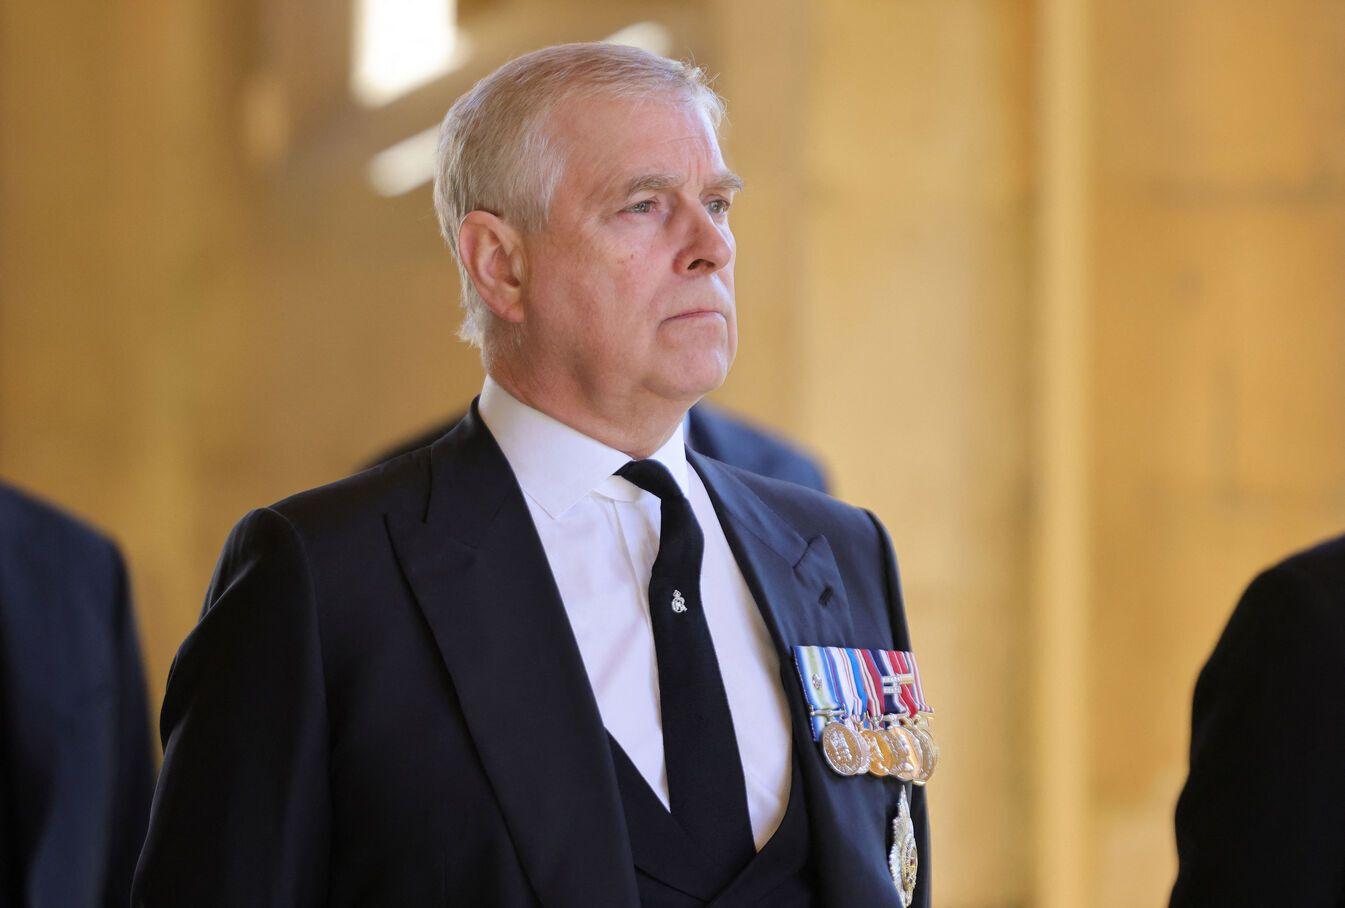 6 millions d'euros proposés au prince Andrew pour prouver son innocence dans le scandale Epstein